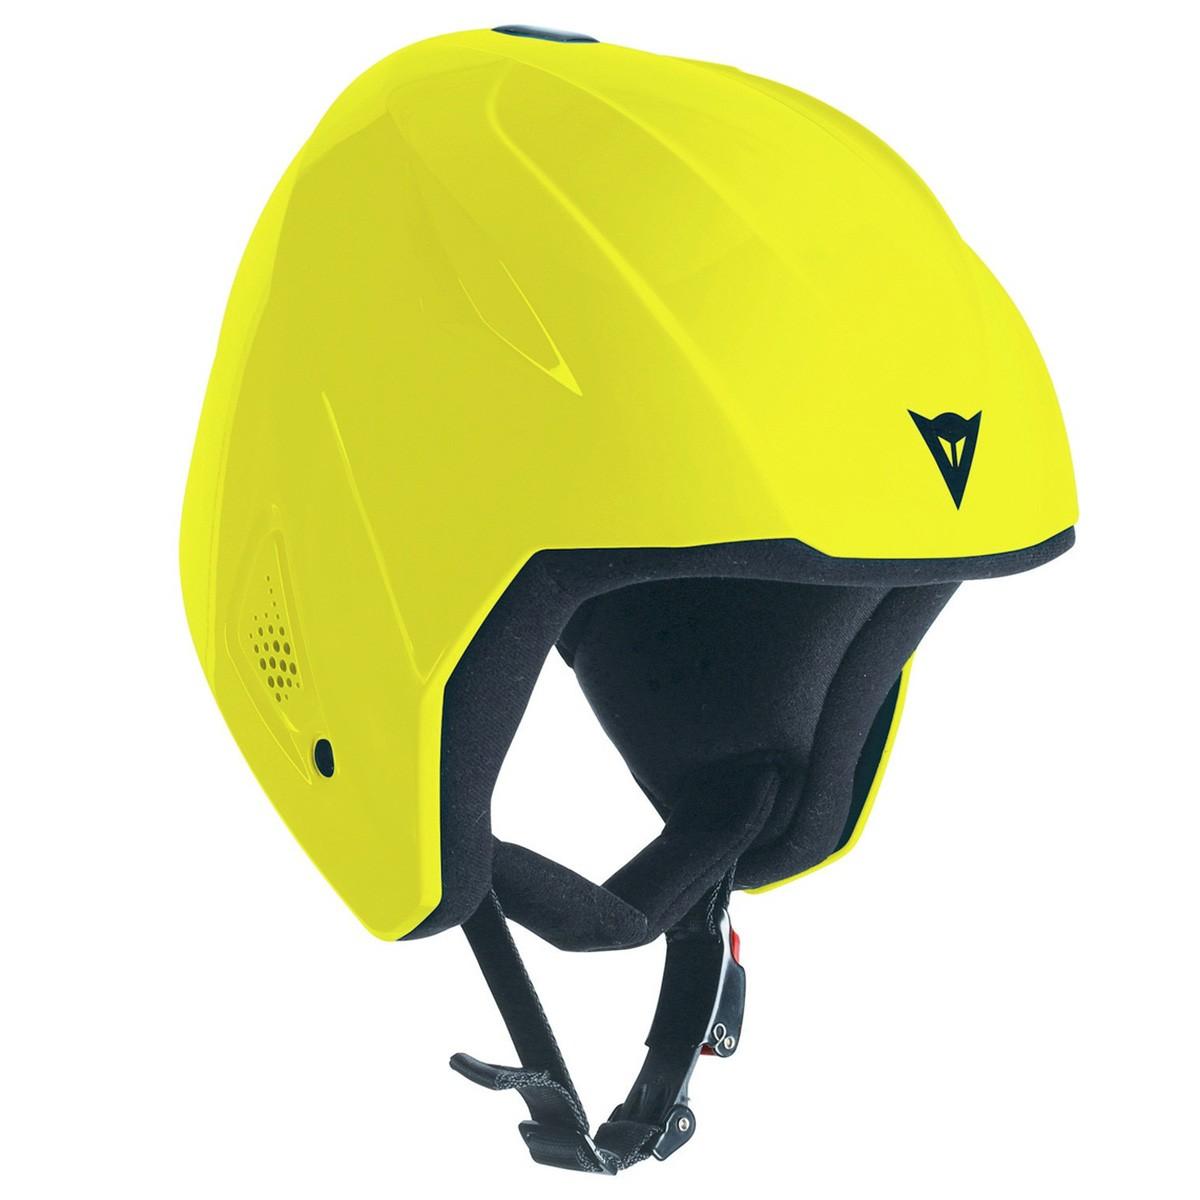 Casco sci Dainese Snow Team Jr Evo (Colore: giallo, Taglia: 52)